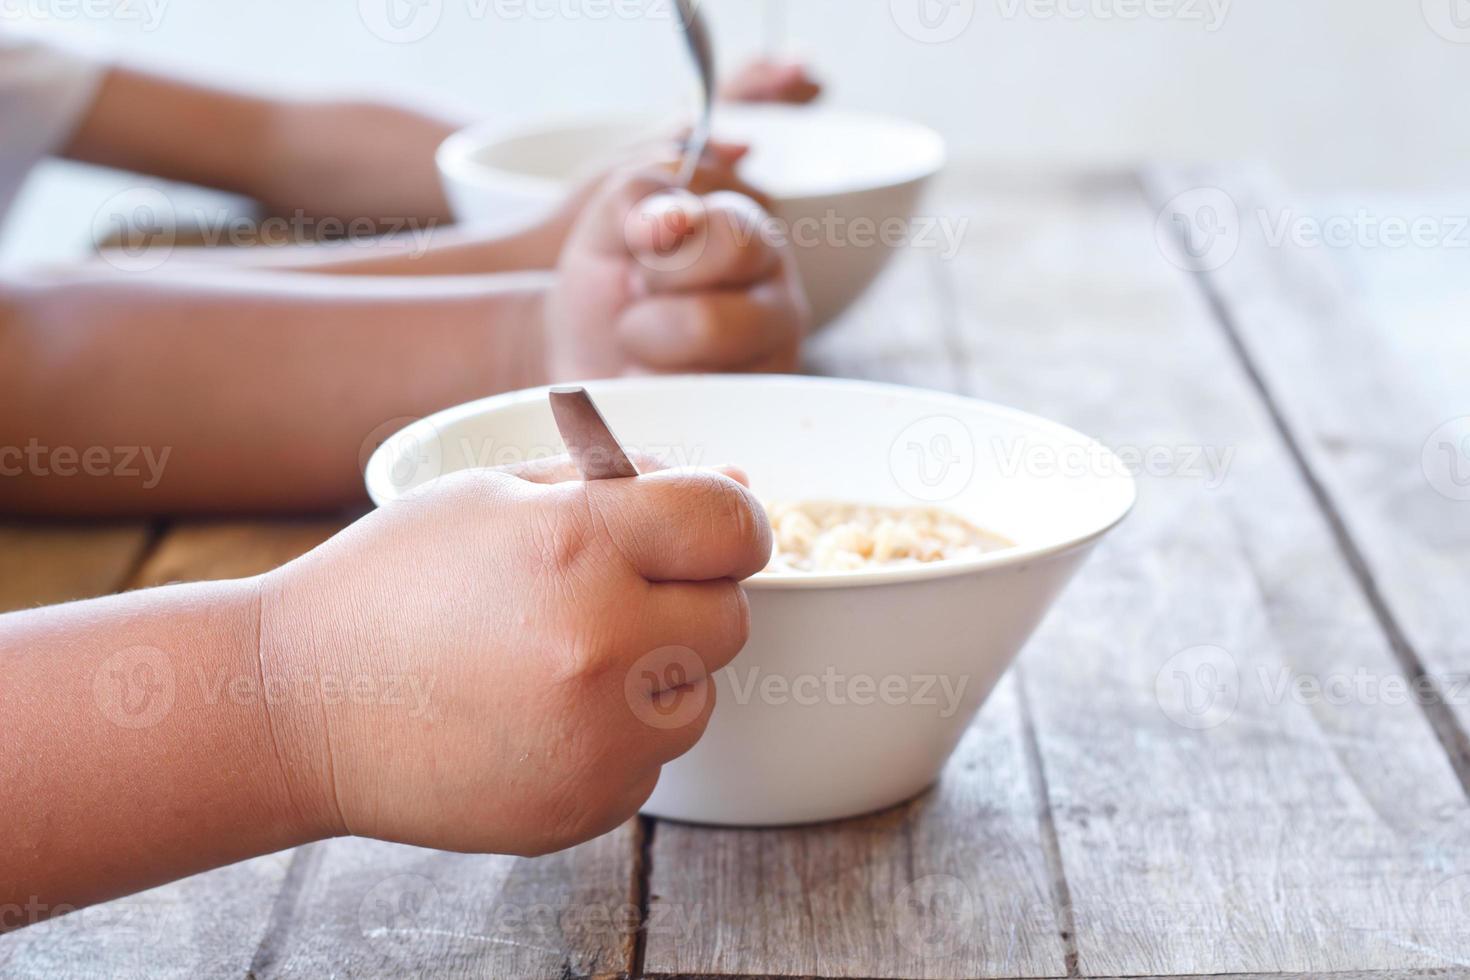 kinderen eten hun instant noodle. foto